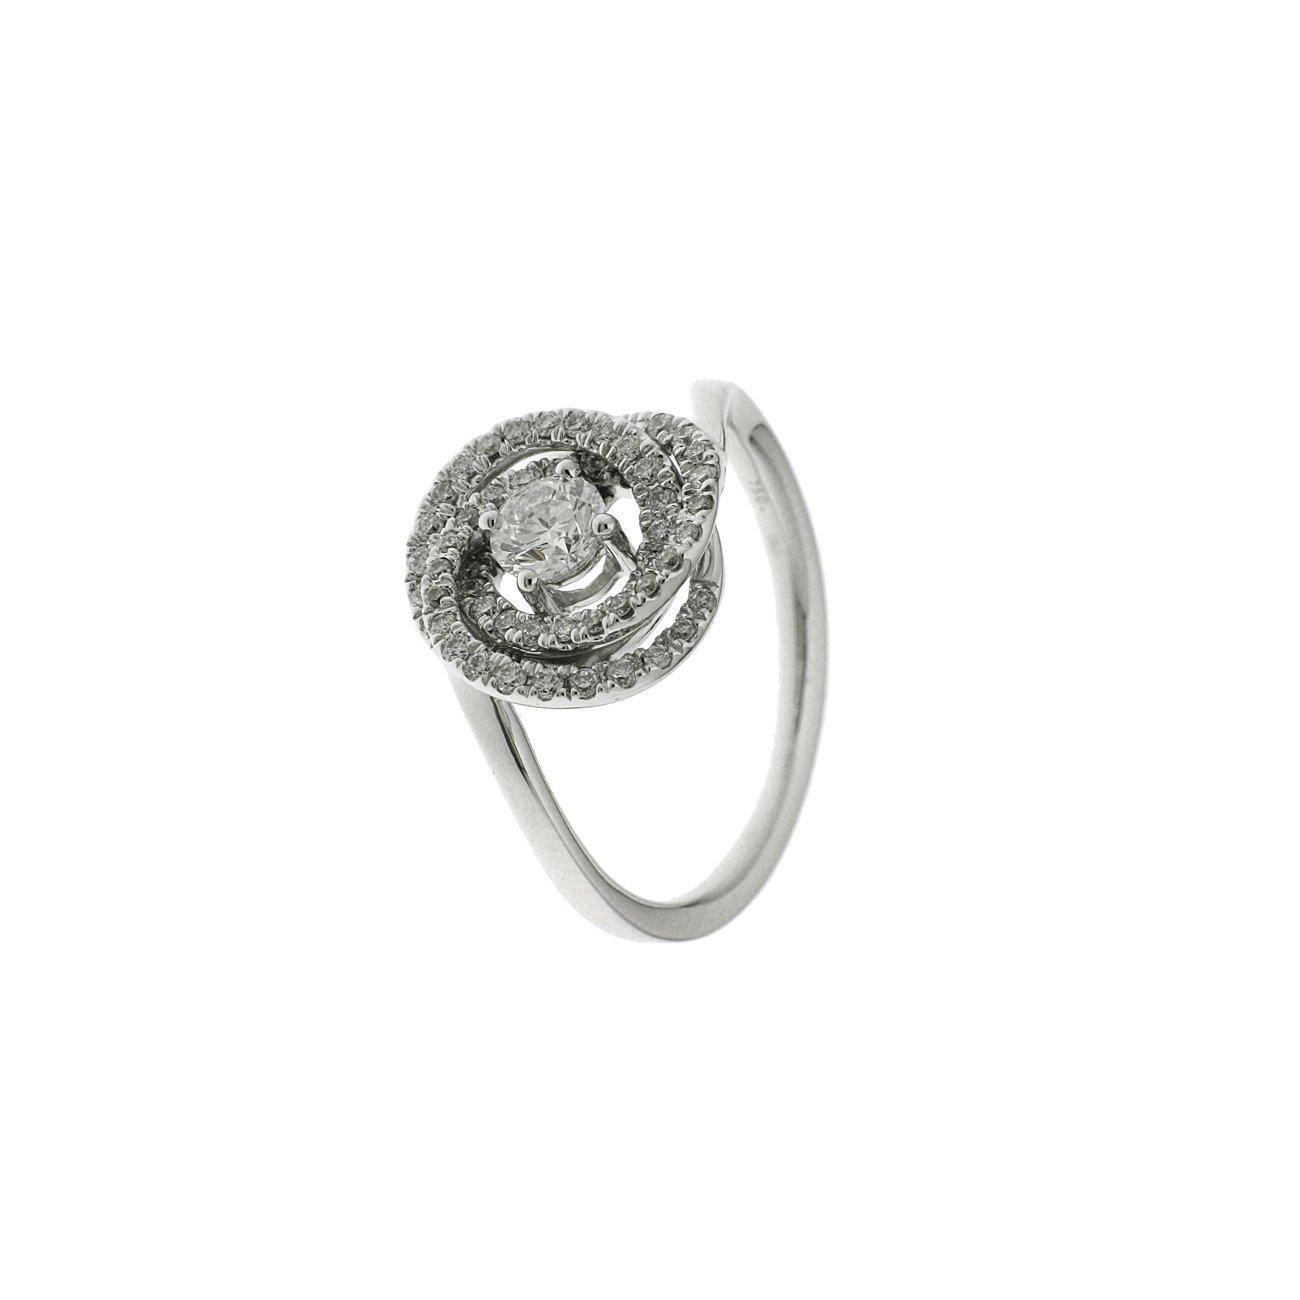 Bague en or blanc et diamants de 0.68ct